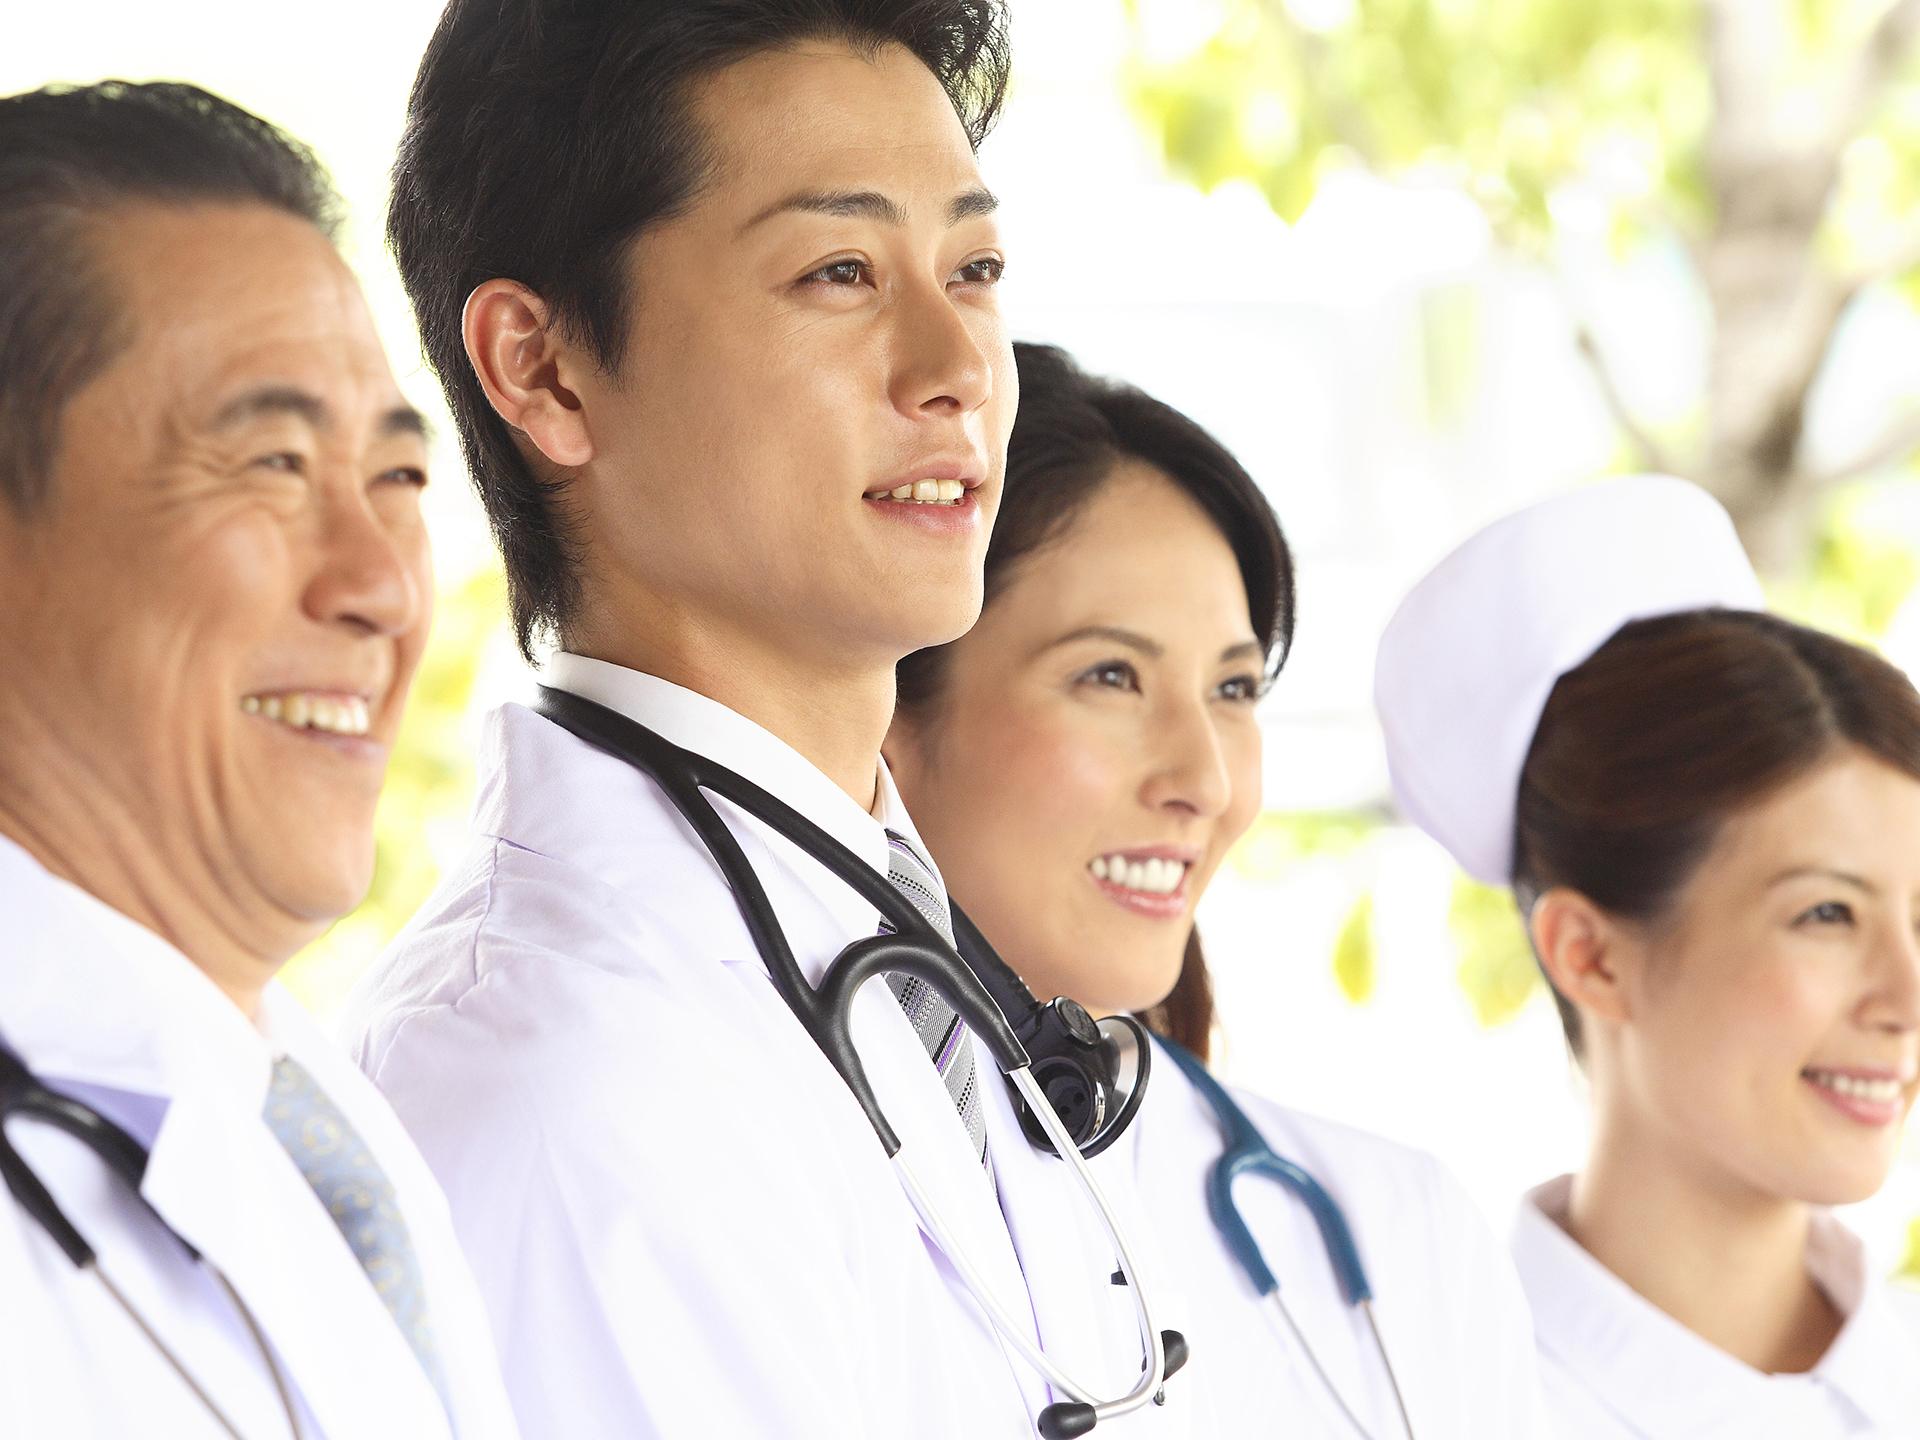 野球肩や野球肘の診断と治療ができる病院・整形外科・名医の探し方